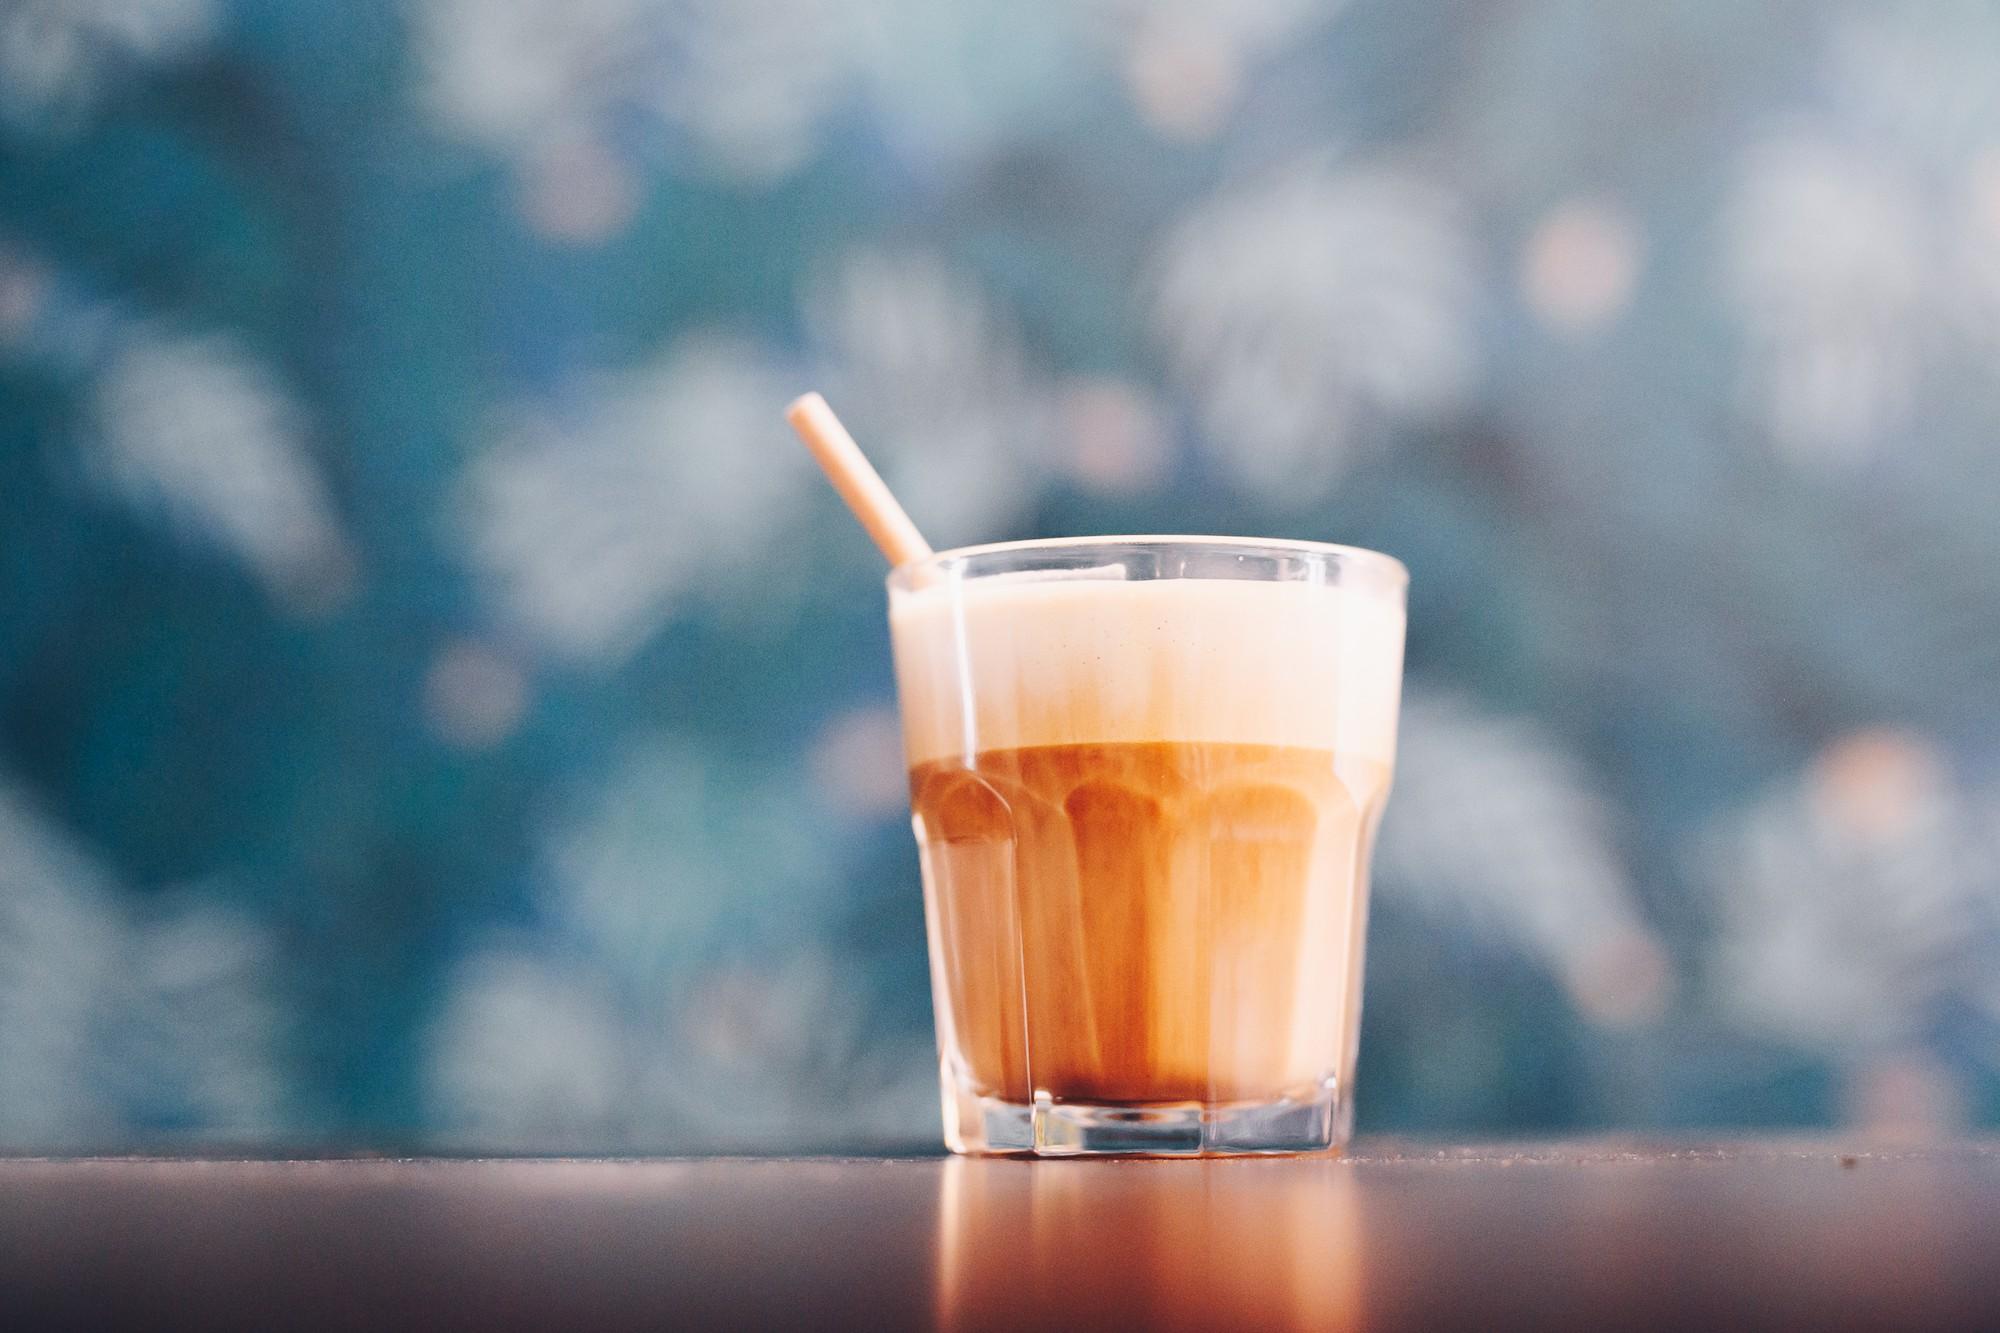 Cà phê trứng: Từ góc nhỏ trong phố cổ Hà Nội vươn ra thế giới, trở thành thức uống đặc sắc được ưa thích ở Mỹ và Canada - Ảnh 1.